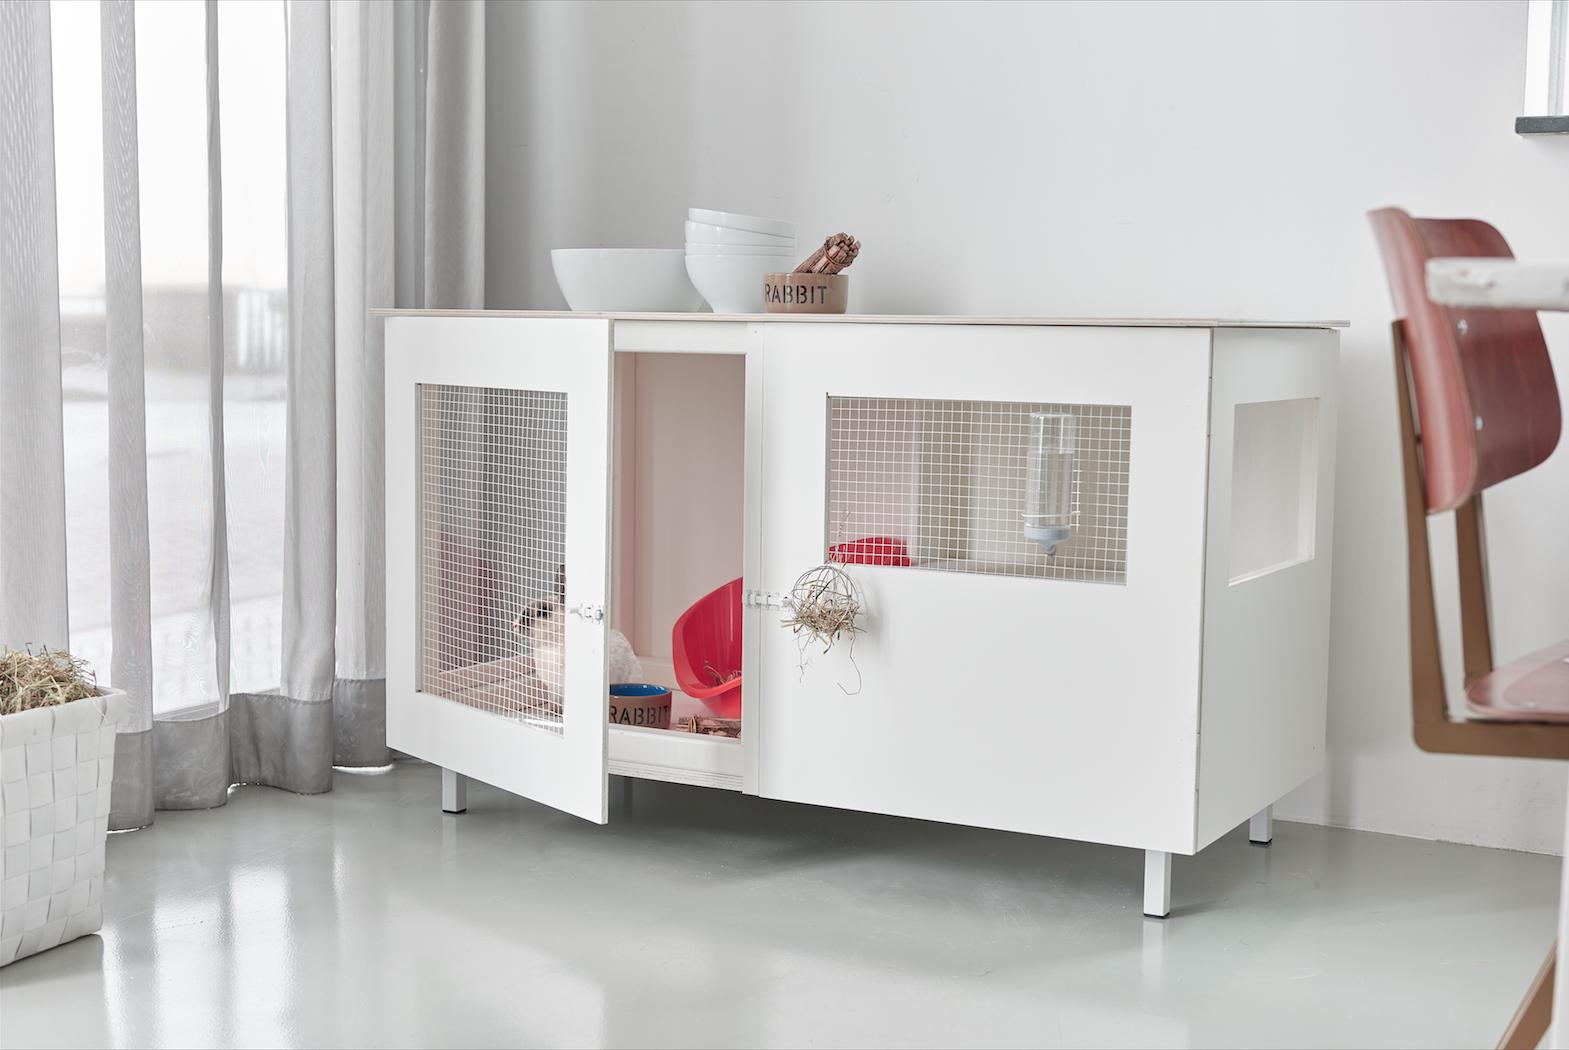 Praxis | Zelf een konijnenhok maken? Dat kan! Lees het maakrecept op voordemakers.nl